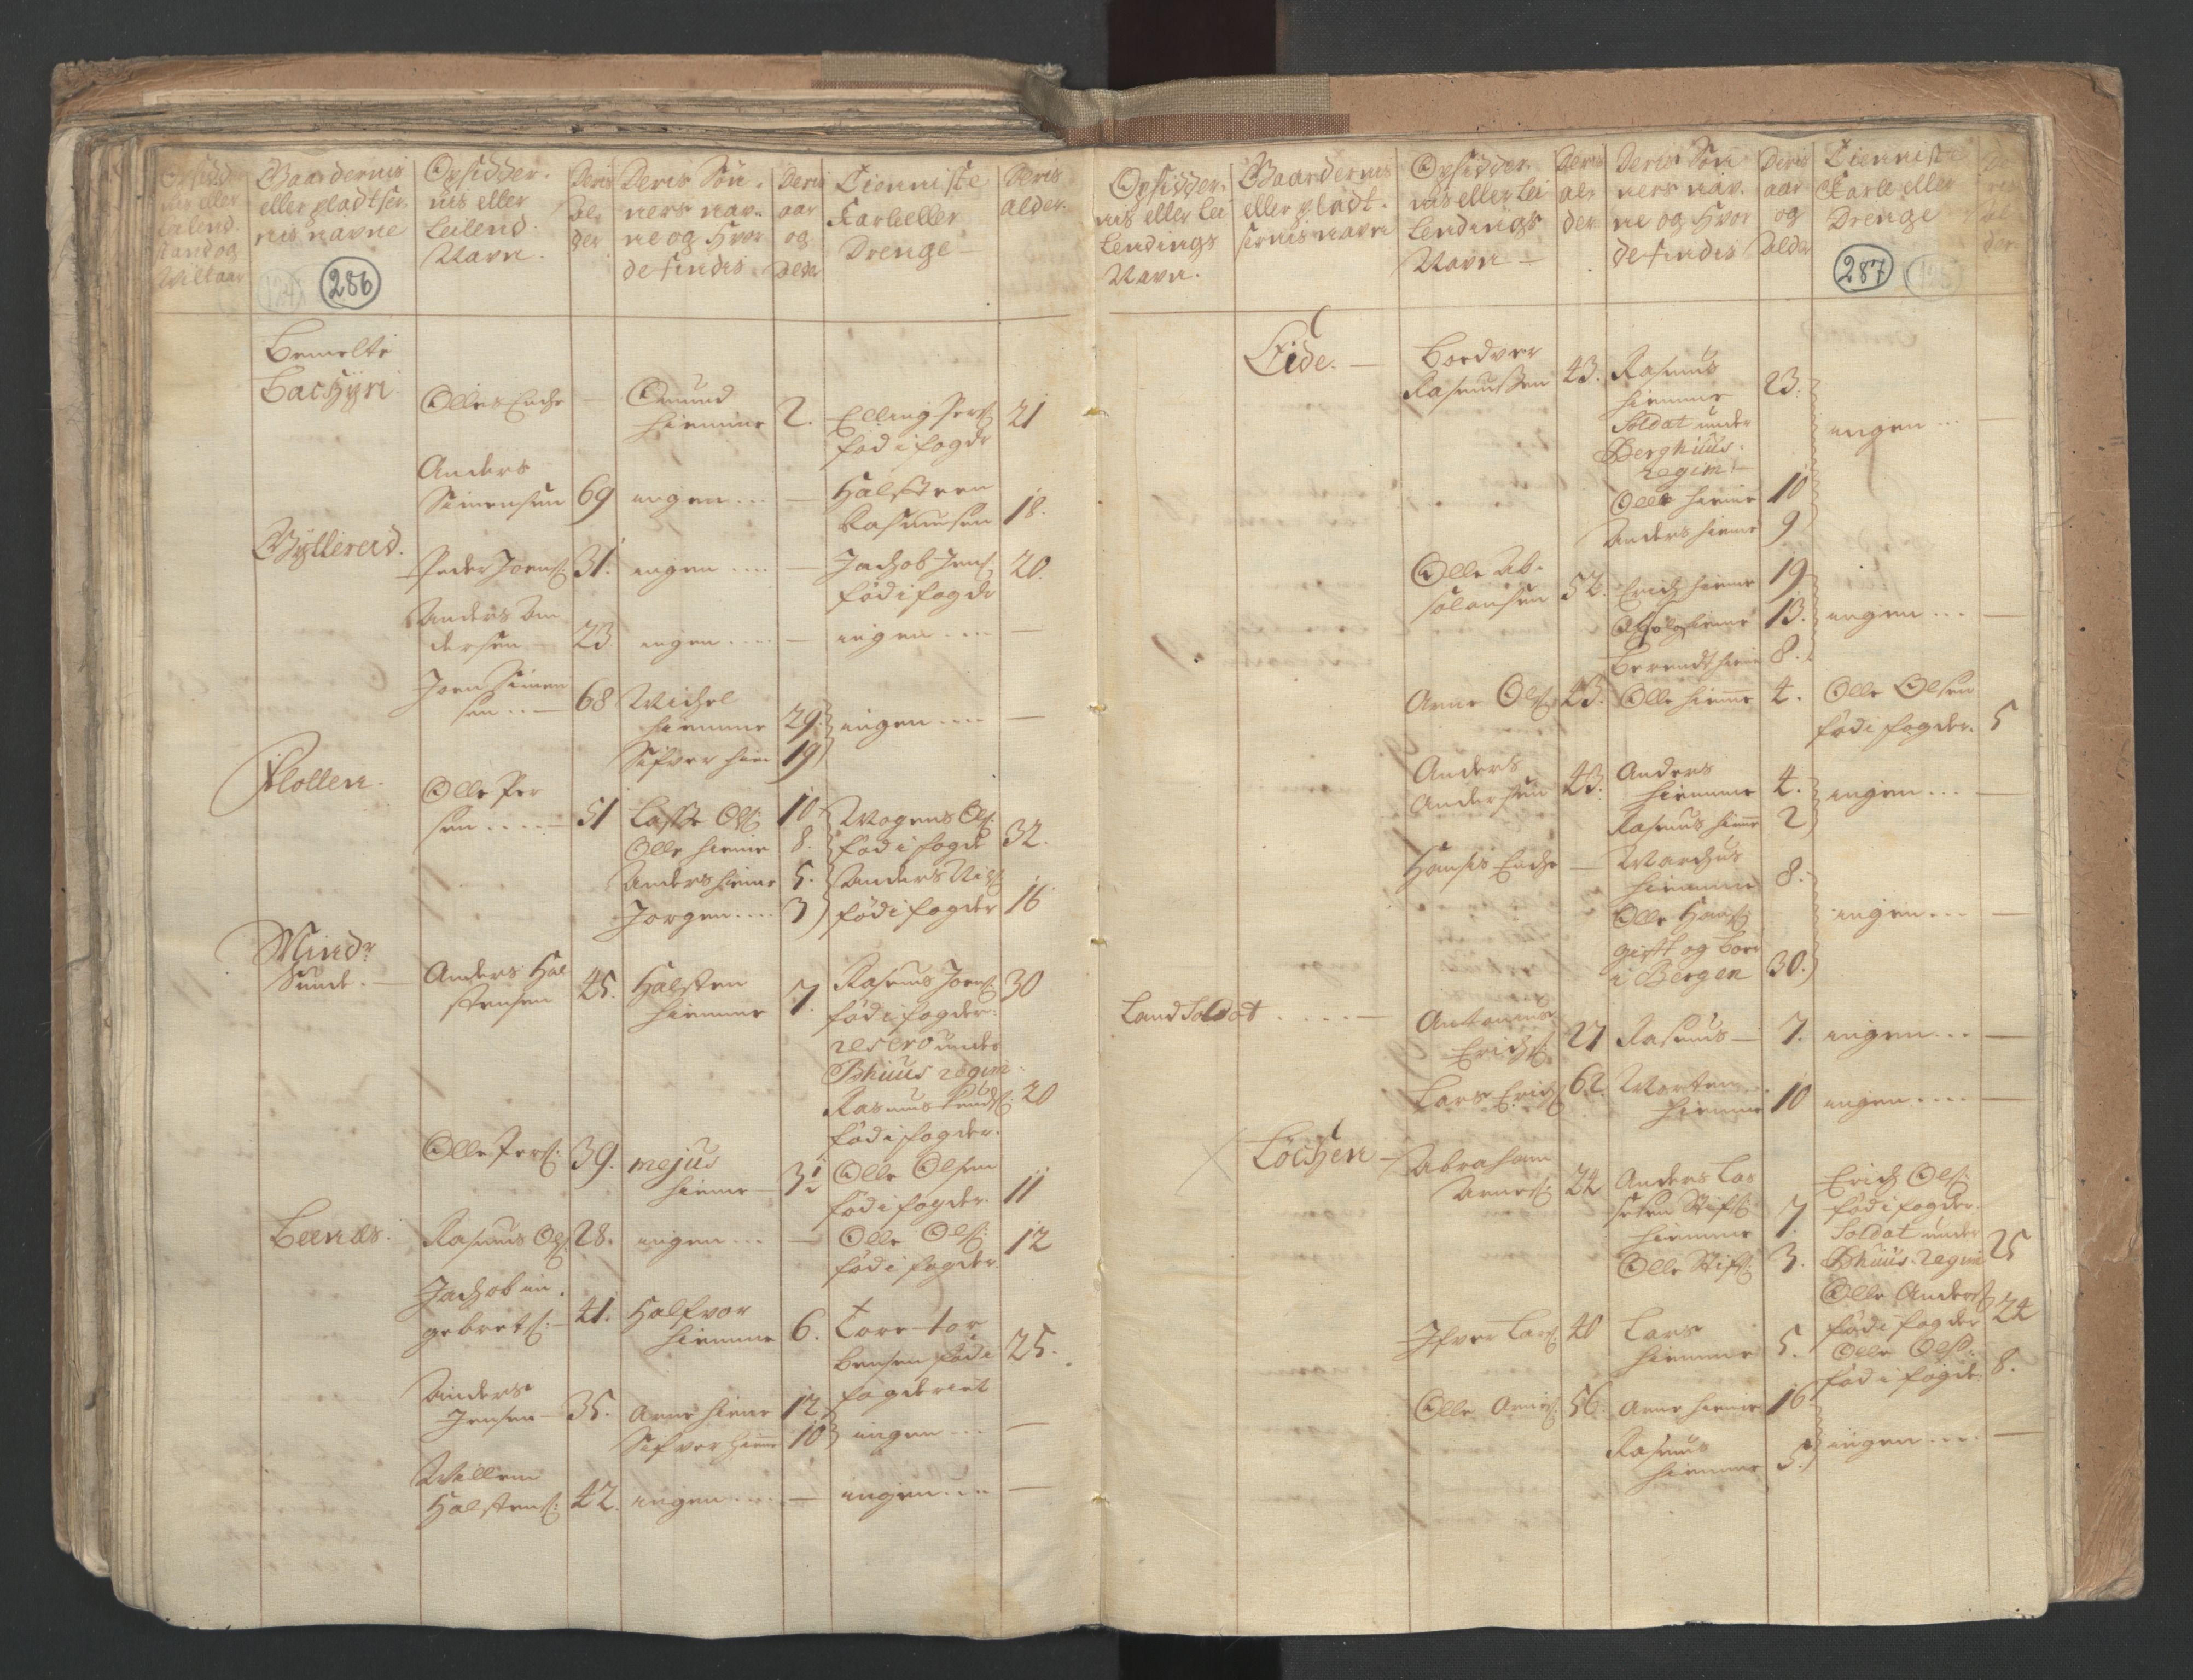 RA, Manntallet 1701, nr. 9: Sunnfjord fogderi, Nordfjord fogderi og Svanø birk, 1701, s. 286-287